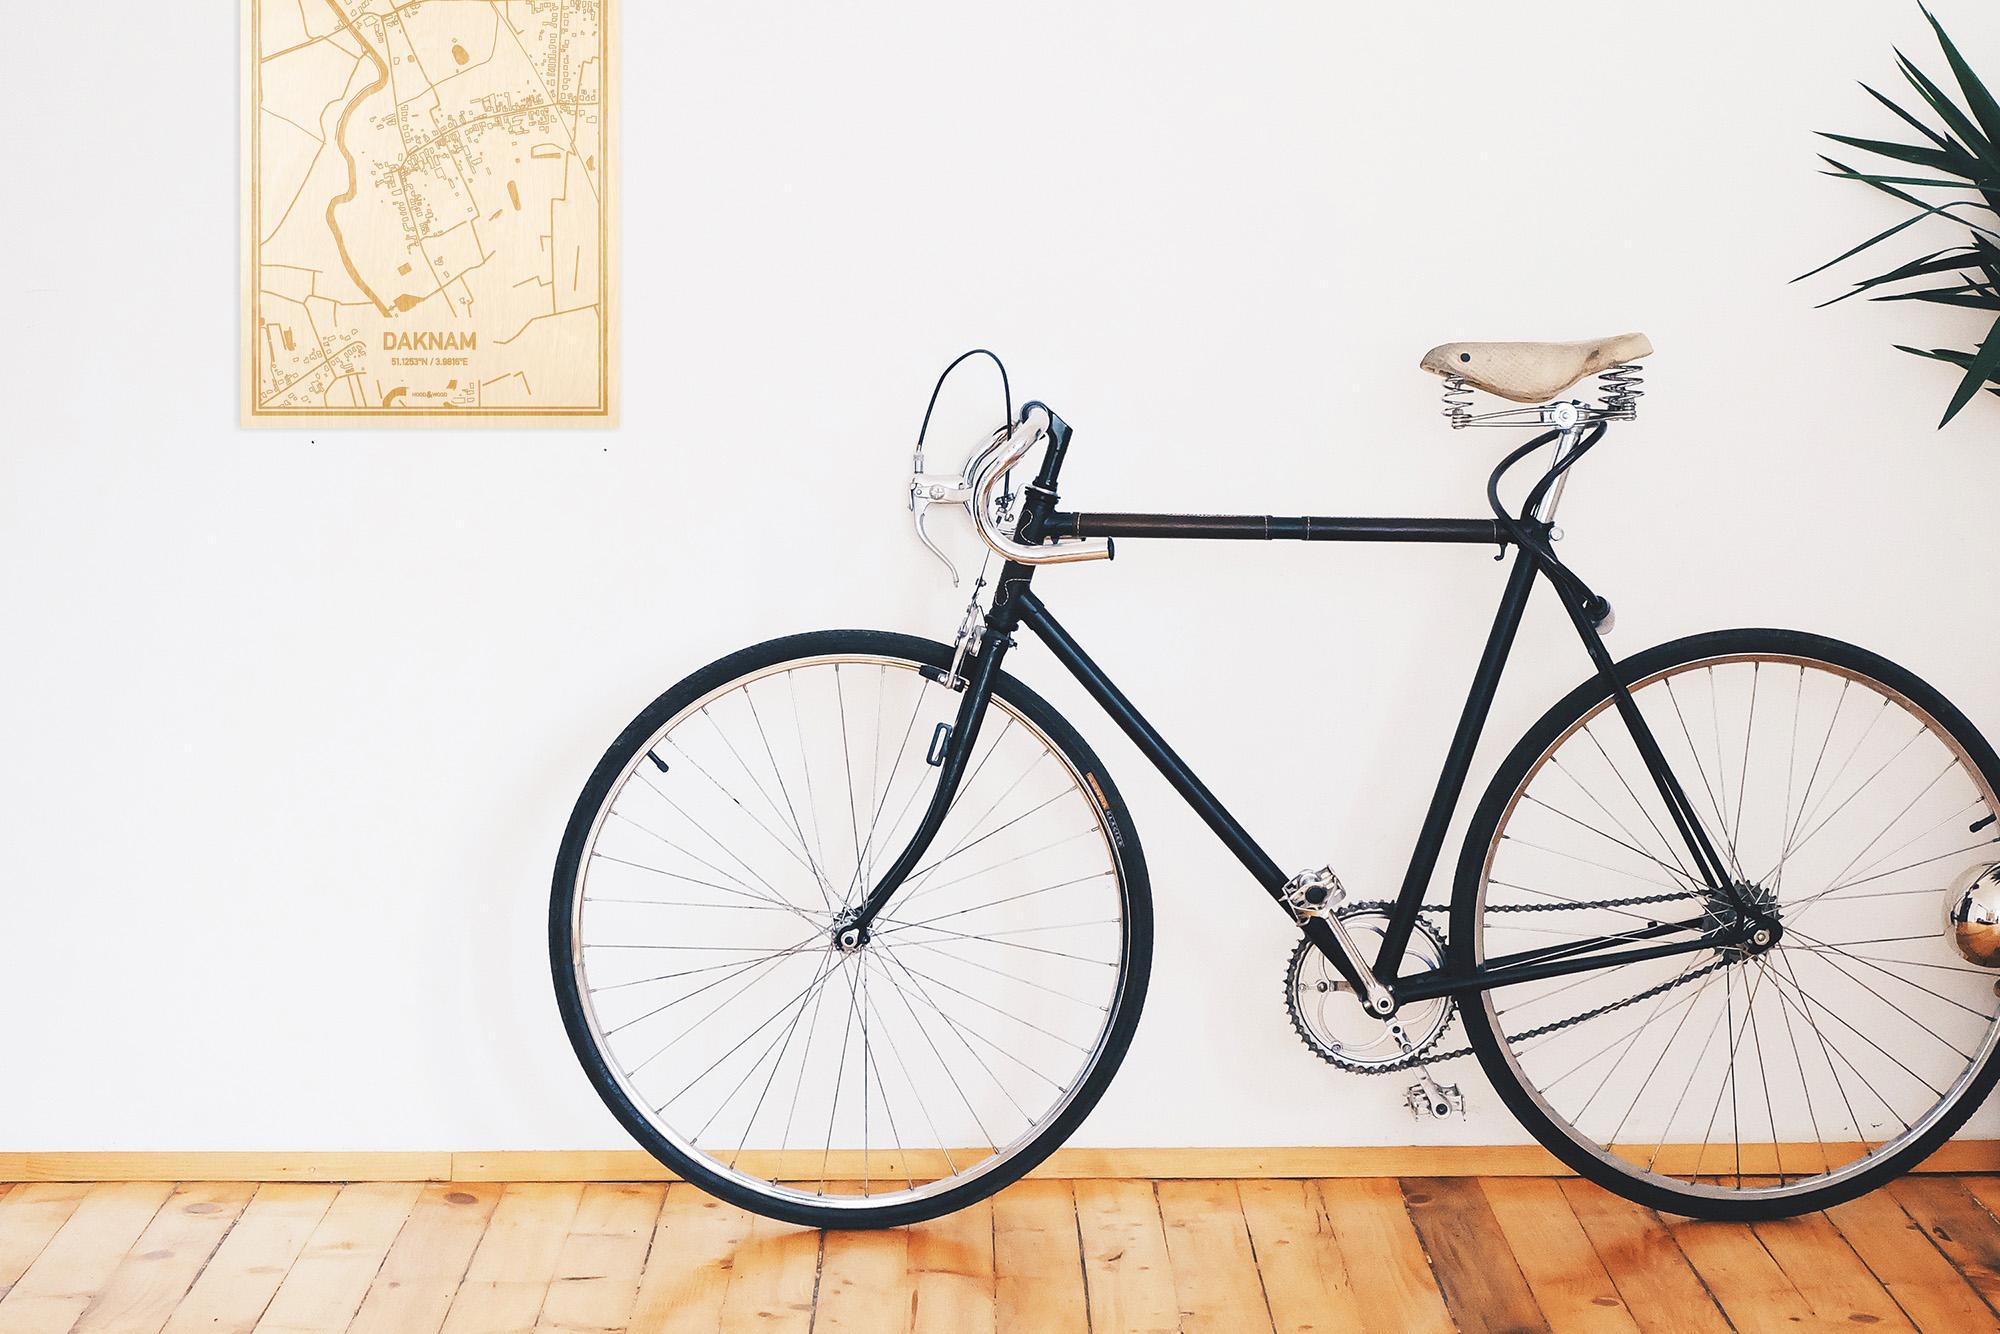 Een snelle fiets in een uniek interieur in Oost-Vlaanderen  met mooie decoratie zoals de plattegrond Daknam.